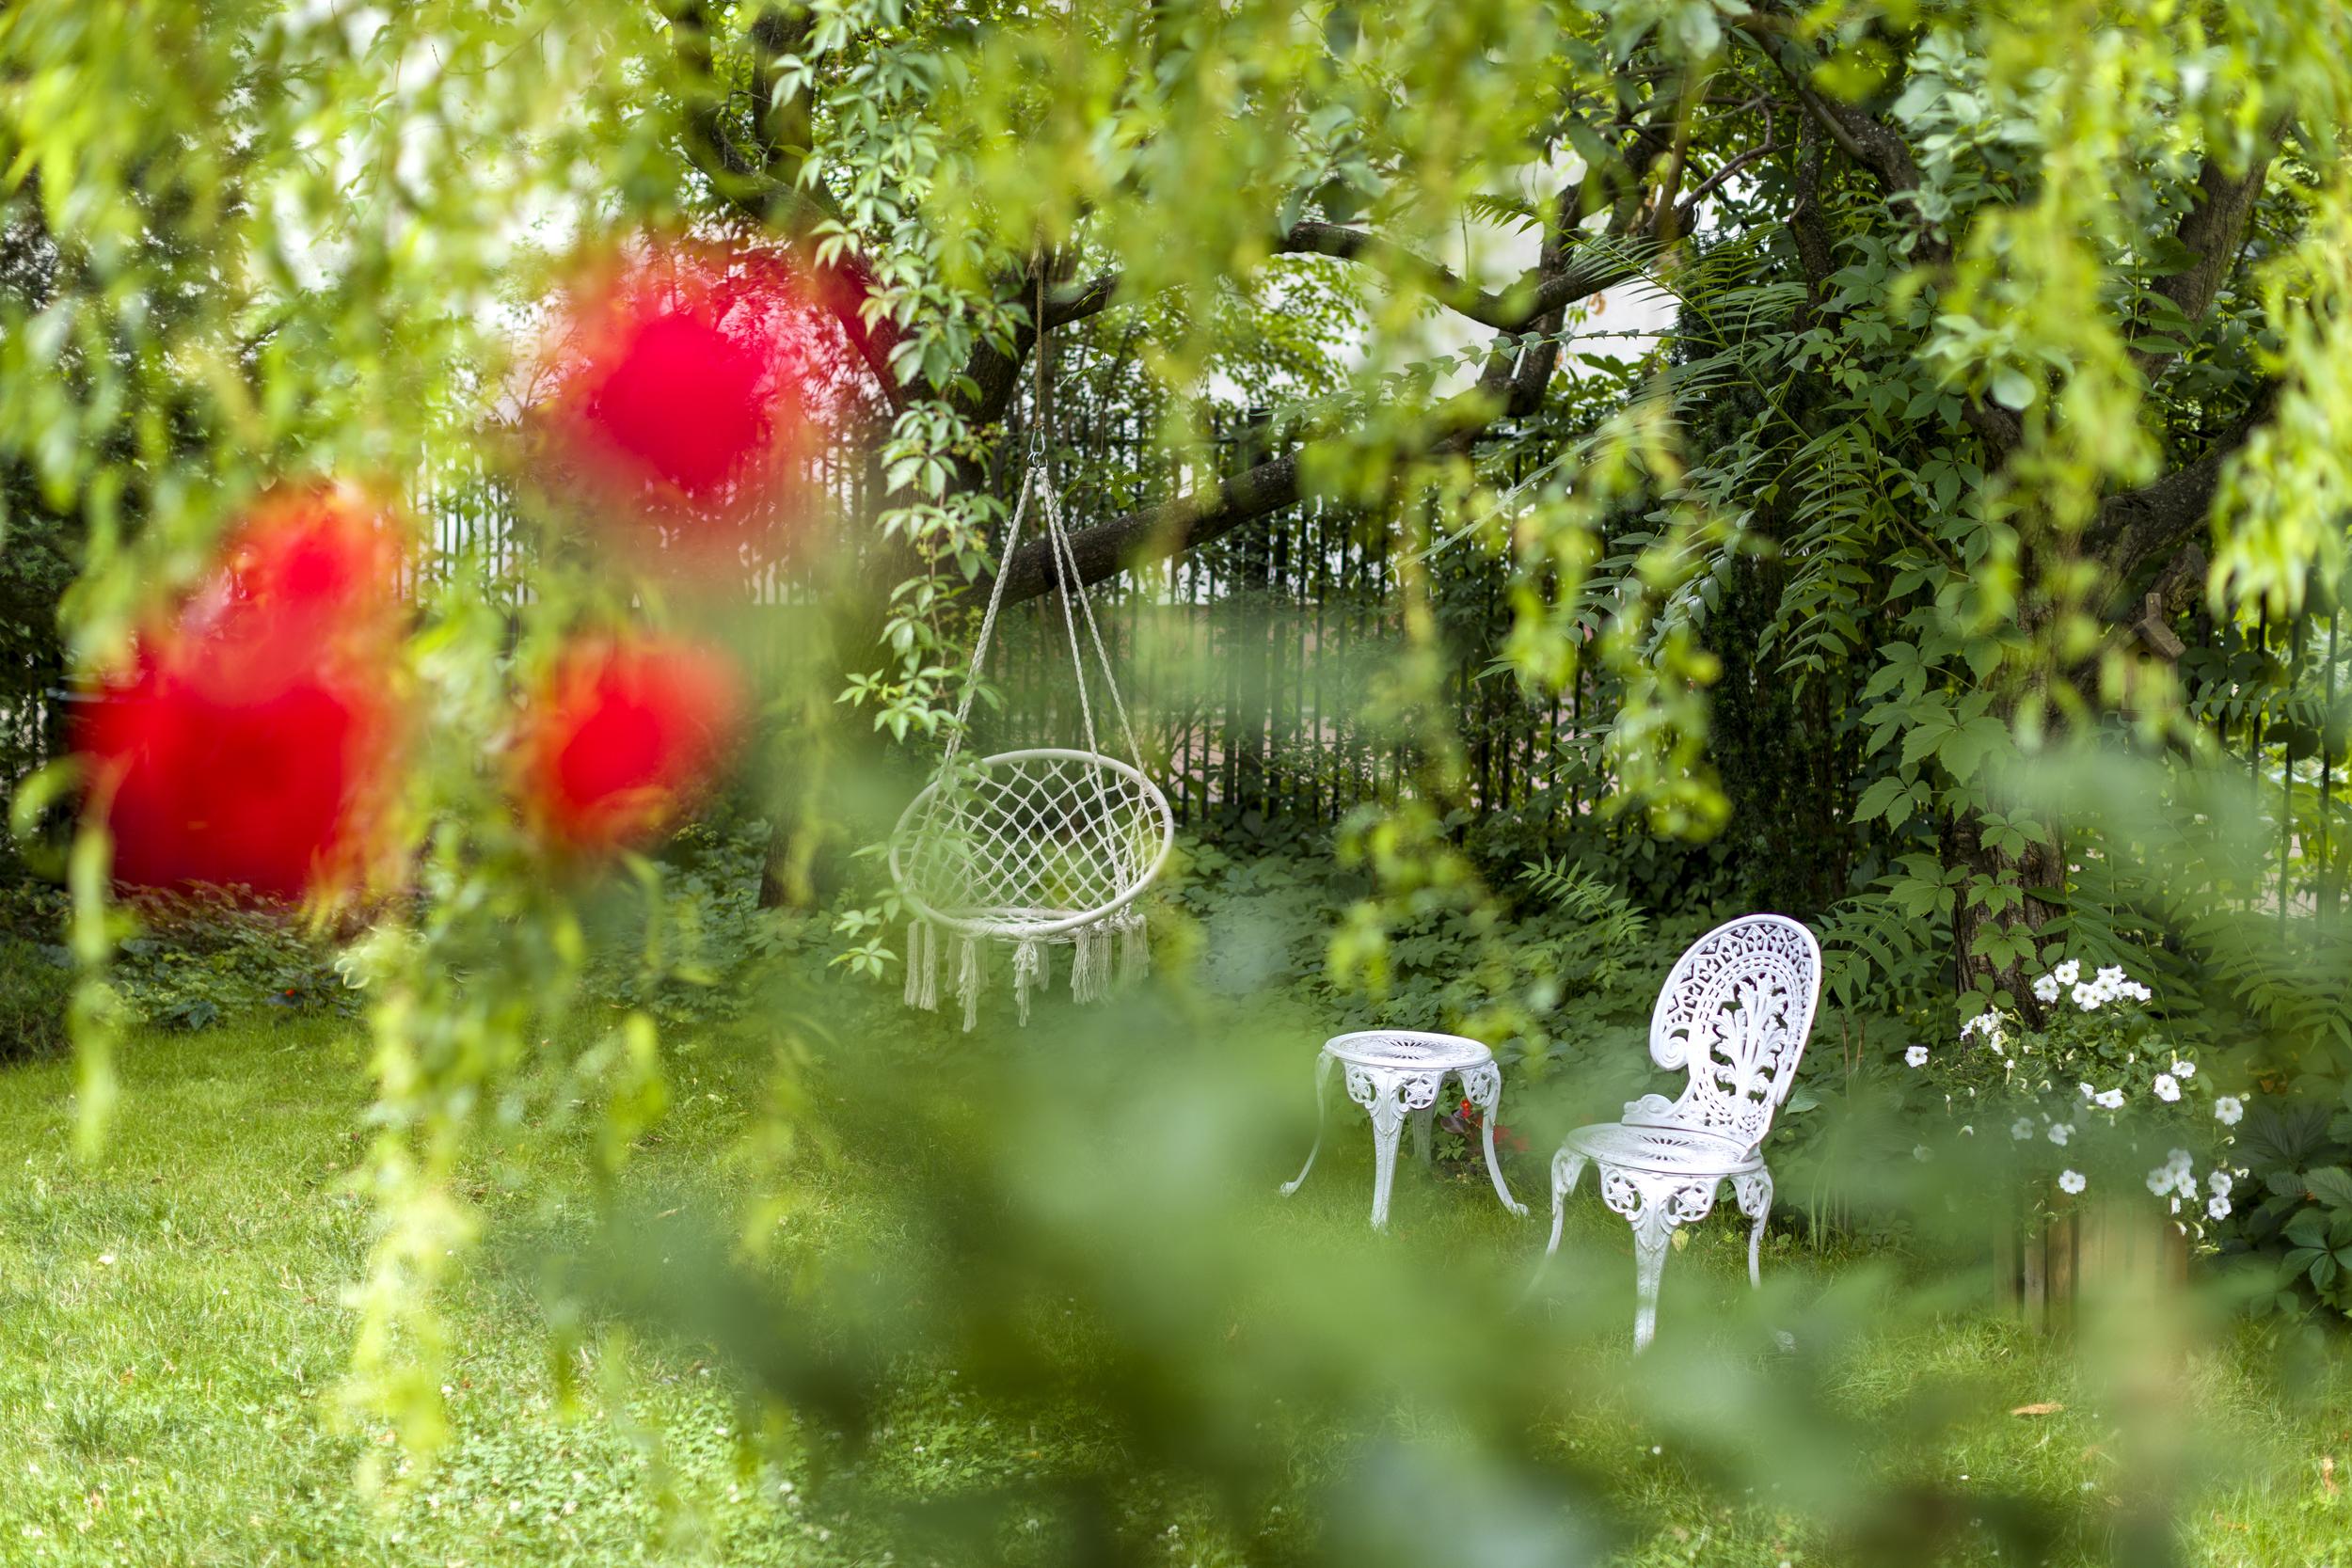 ogród, plener fotograficzny, zieleń, natura, drzewa, sesja zdjęciowa boho, taras, meble tarasowe, ogrodowa, kwiaty